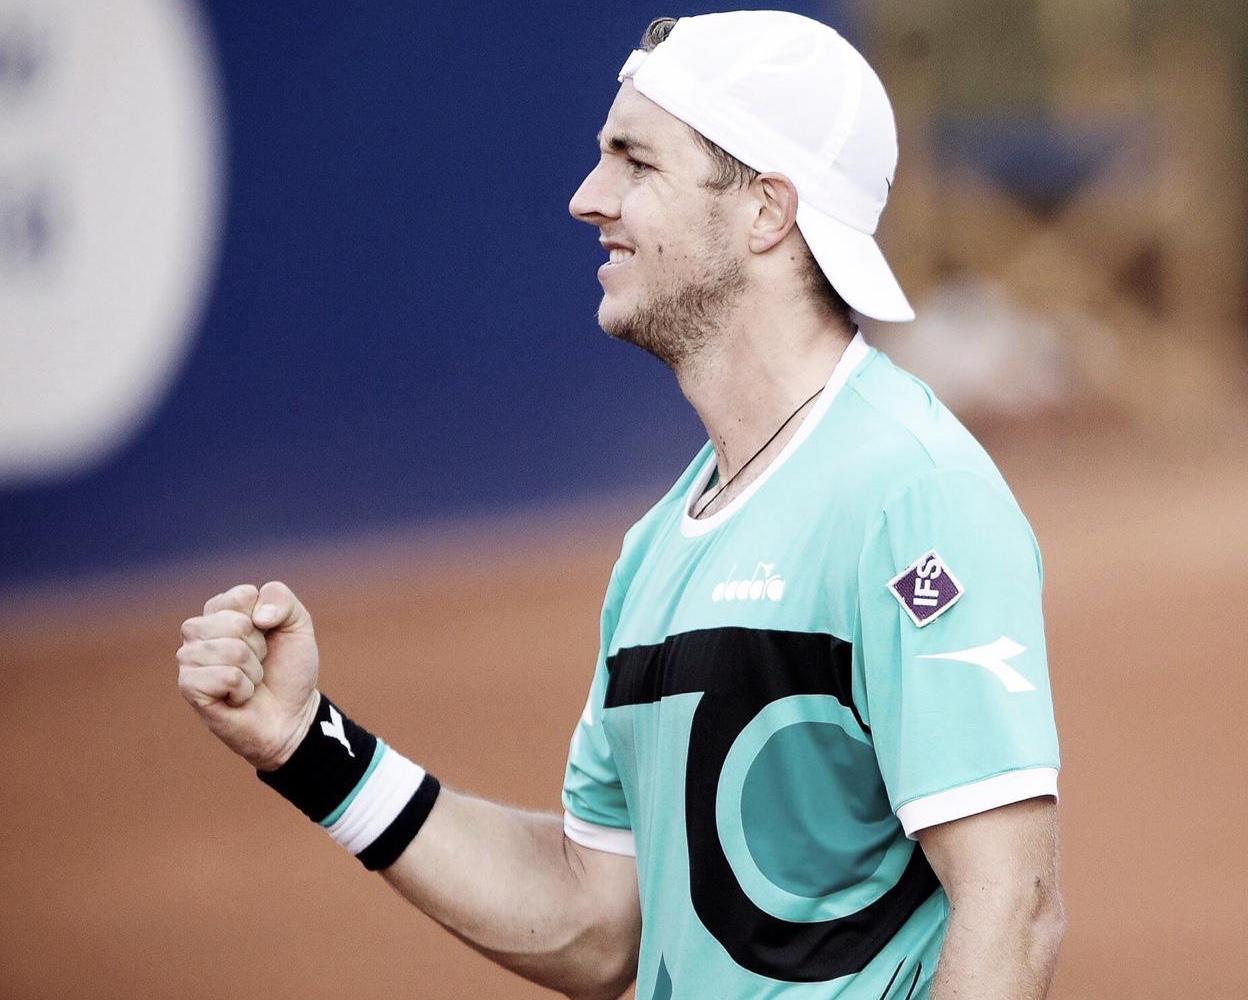 Struff surpreende Tsitsipas e marca encontro com Nadal nas quartas do ATP 500 de Barcelona